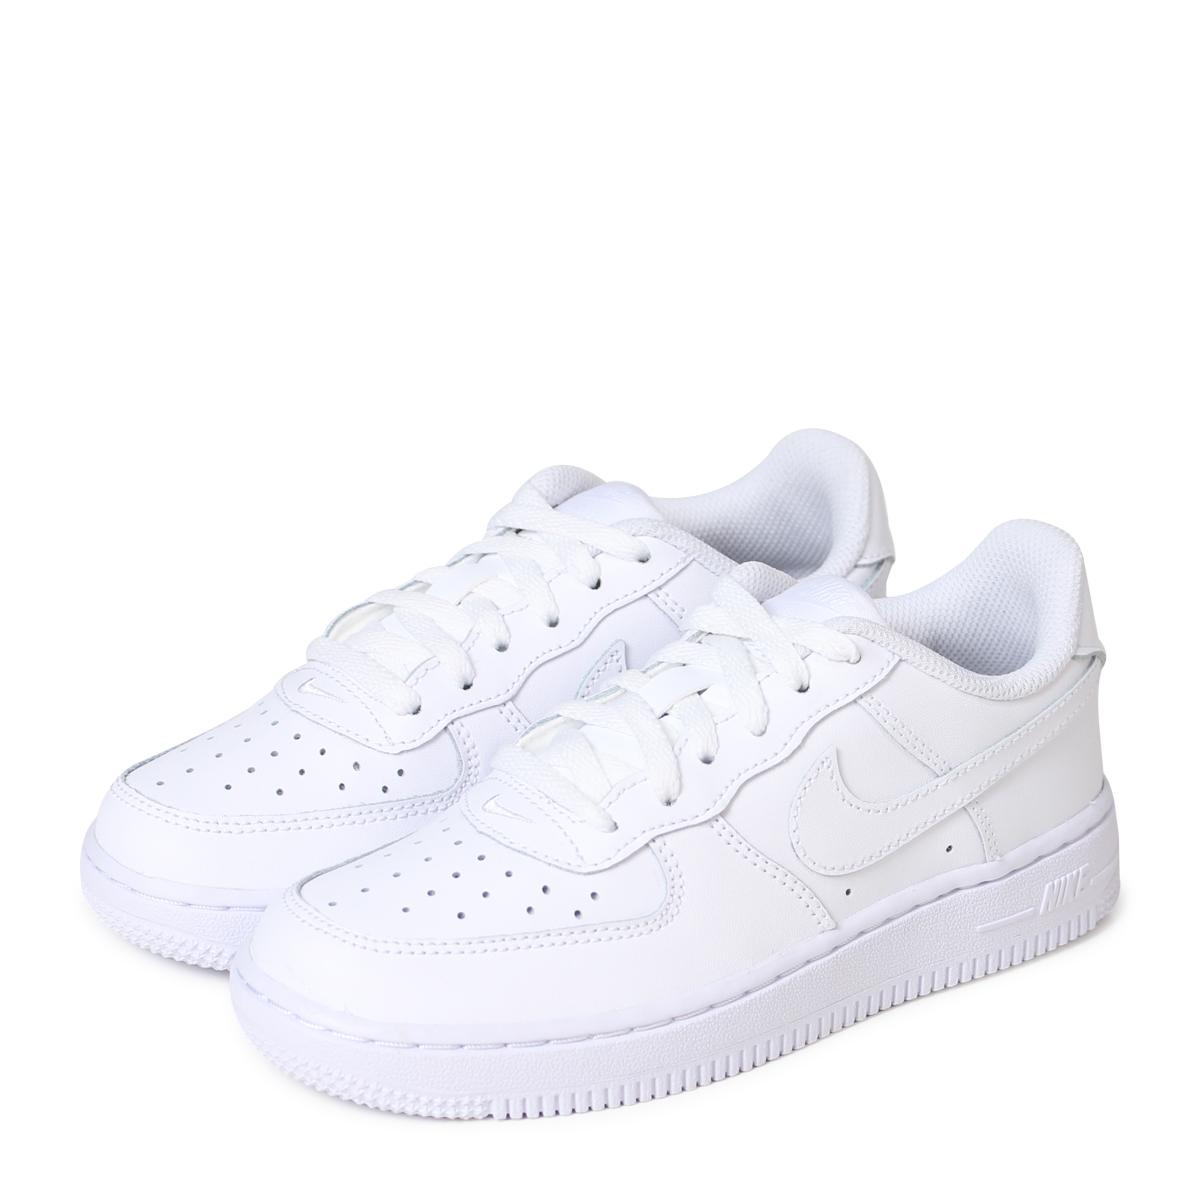 air force 1 kids white